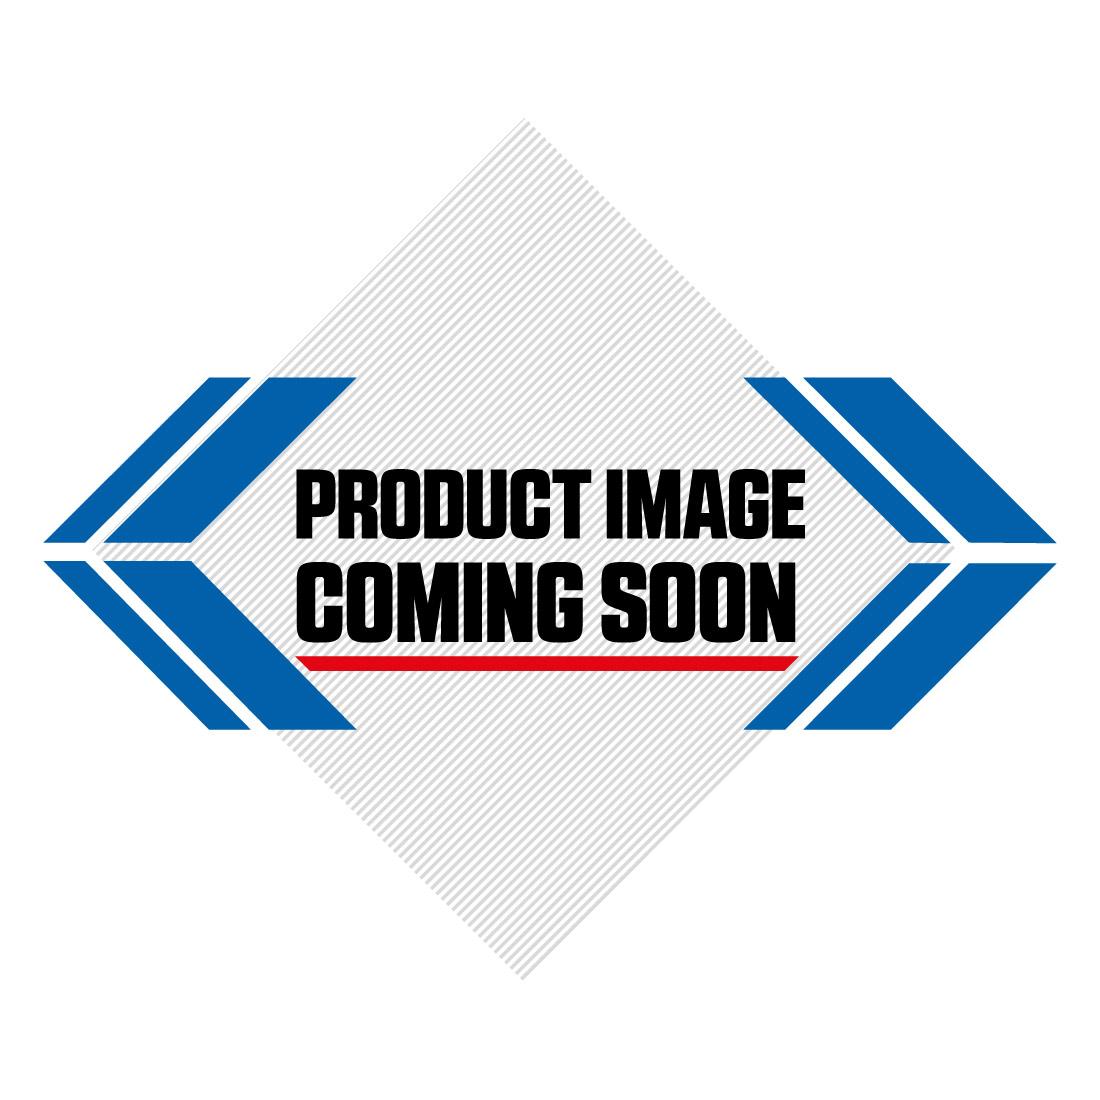 Kawasaki Plastic Kit KX 125 250 (03-04) OEM Factory Image-0